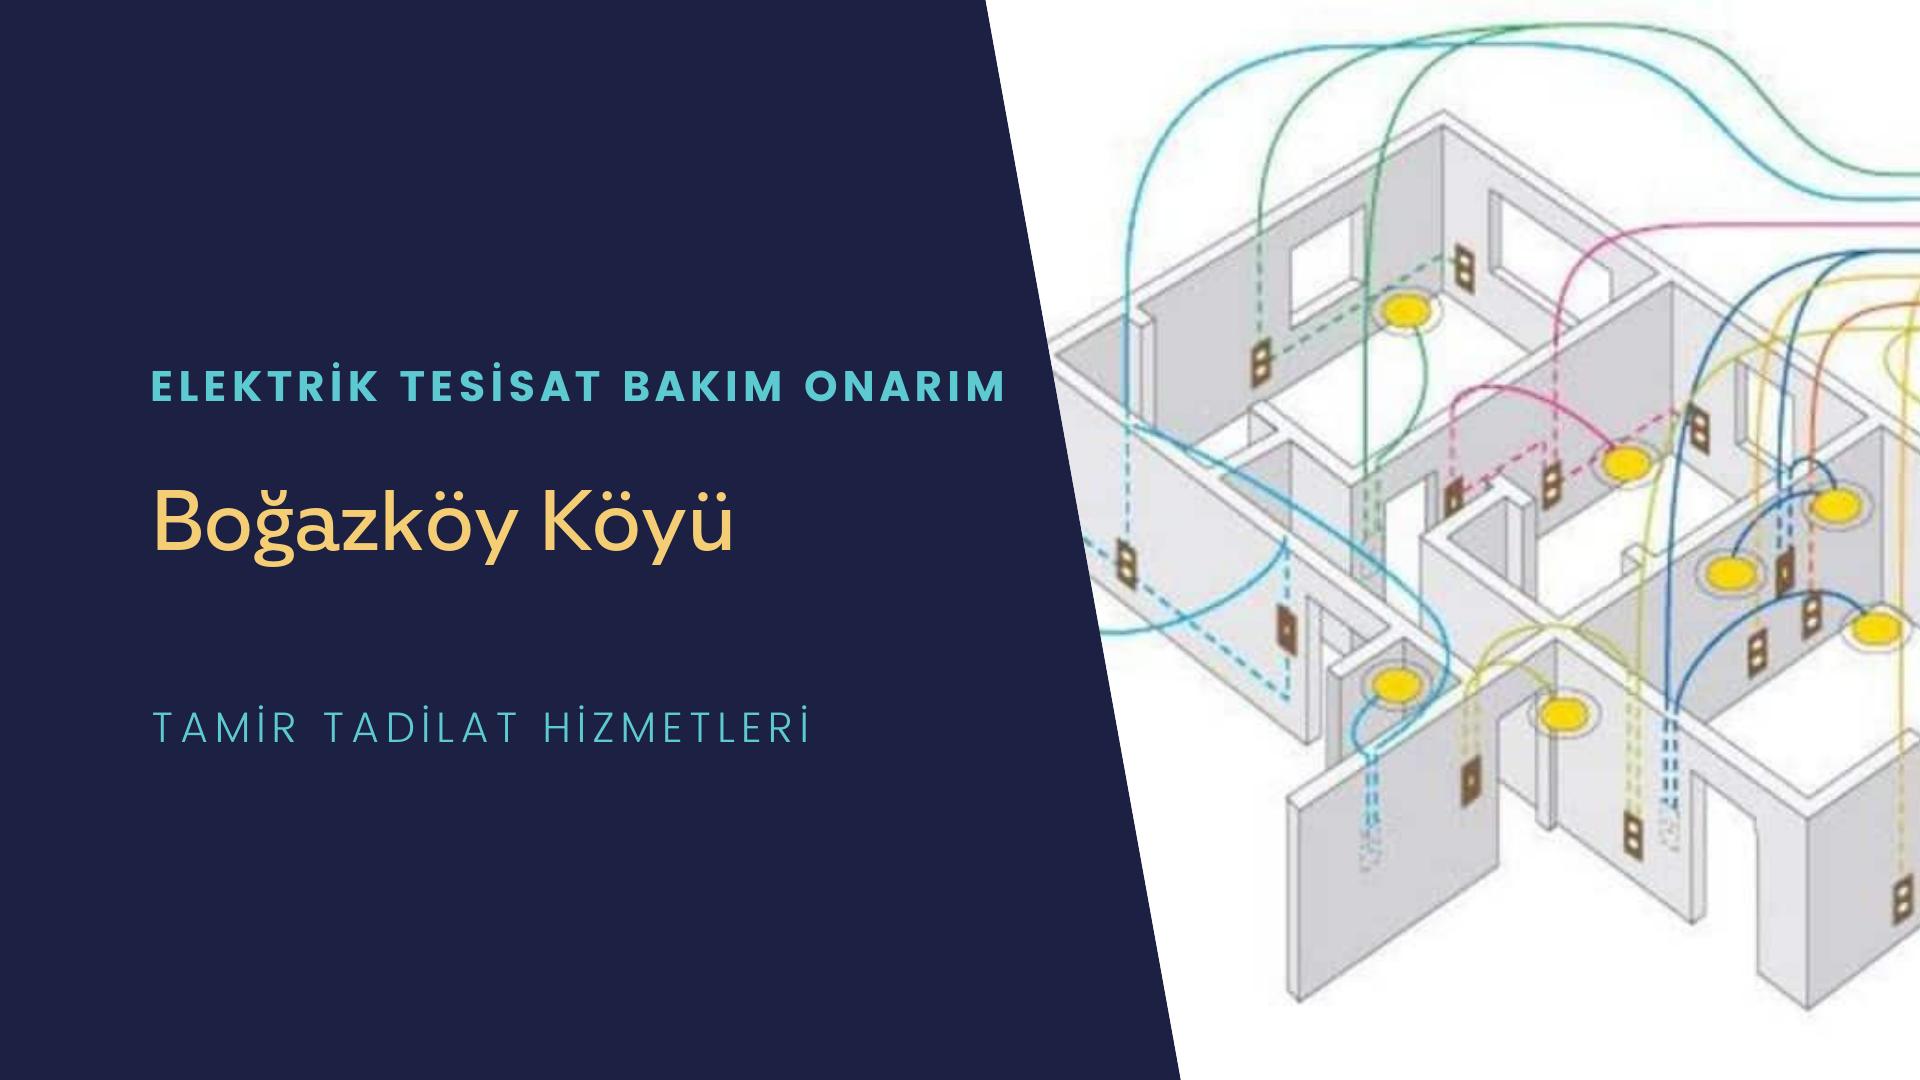 Boğazköy Köyü  elektrik tesisatıustalarımı arıyorsunuz doğru adrestenizi Boğazköy Köyü elektrik tesisatı ustalarımız 7/24 sizlere hizmet vermekten mutluluk duyar.